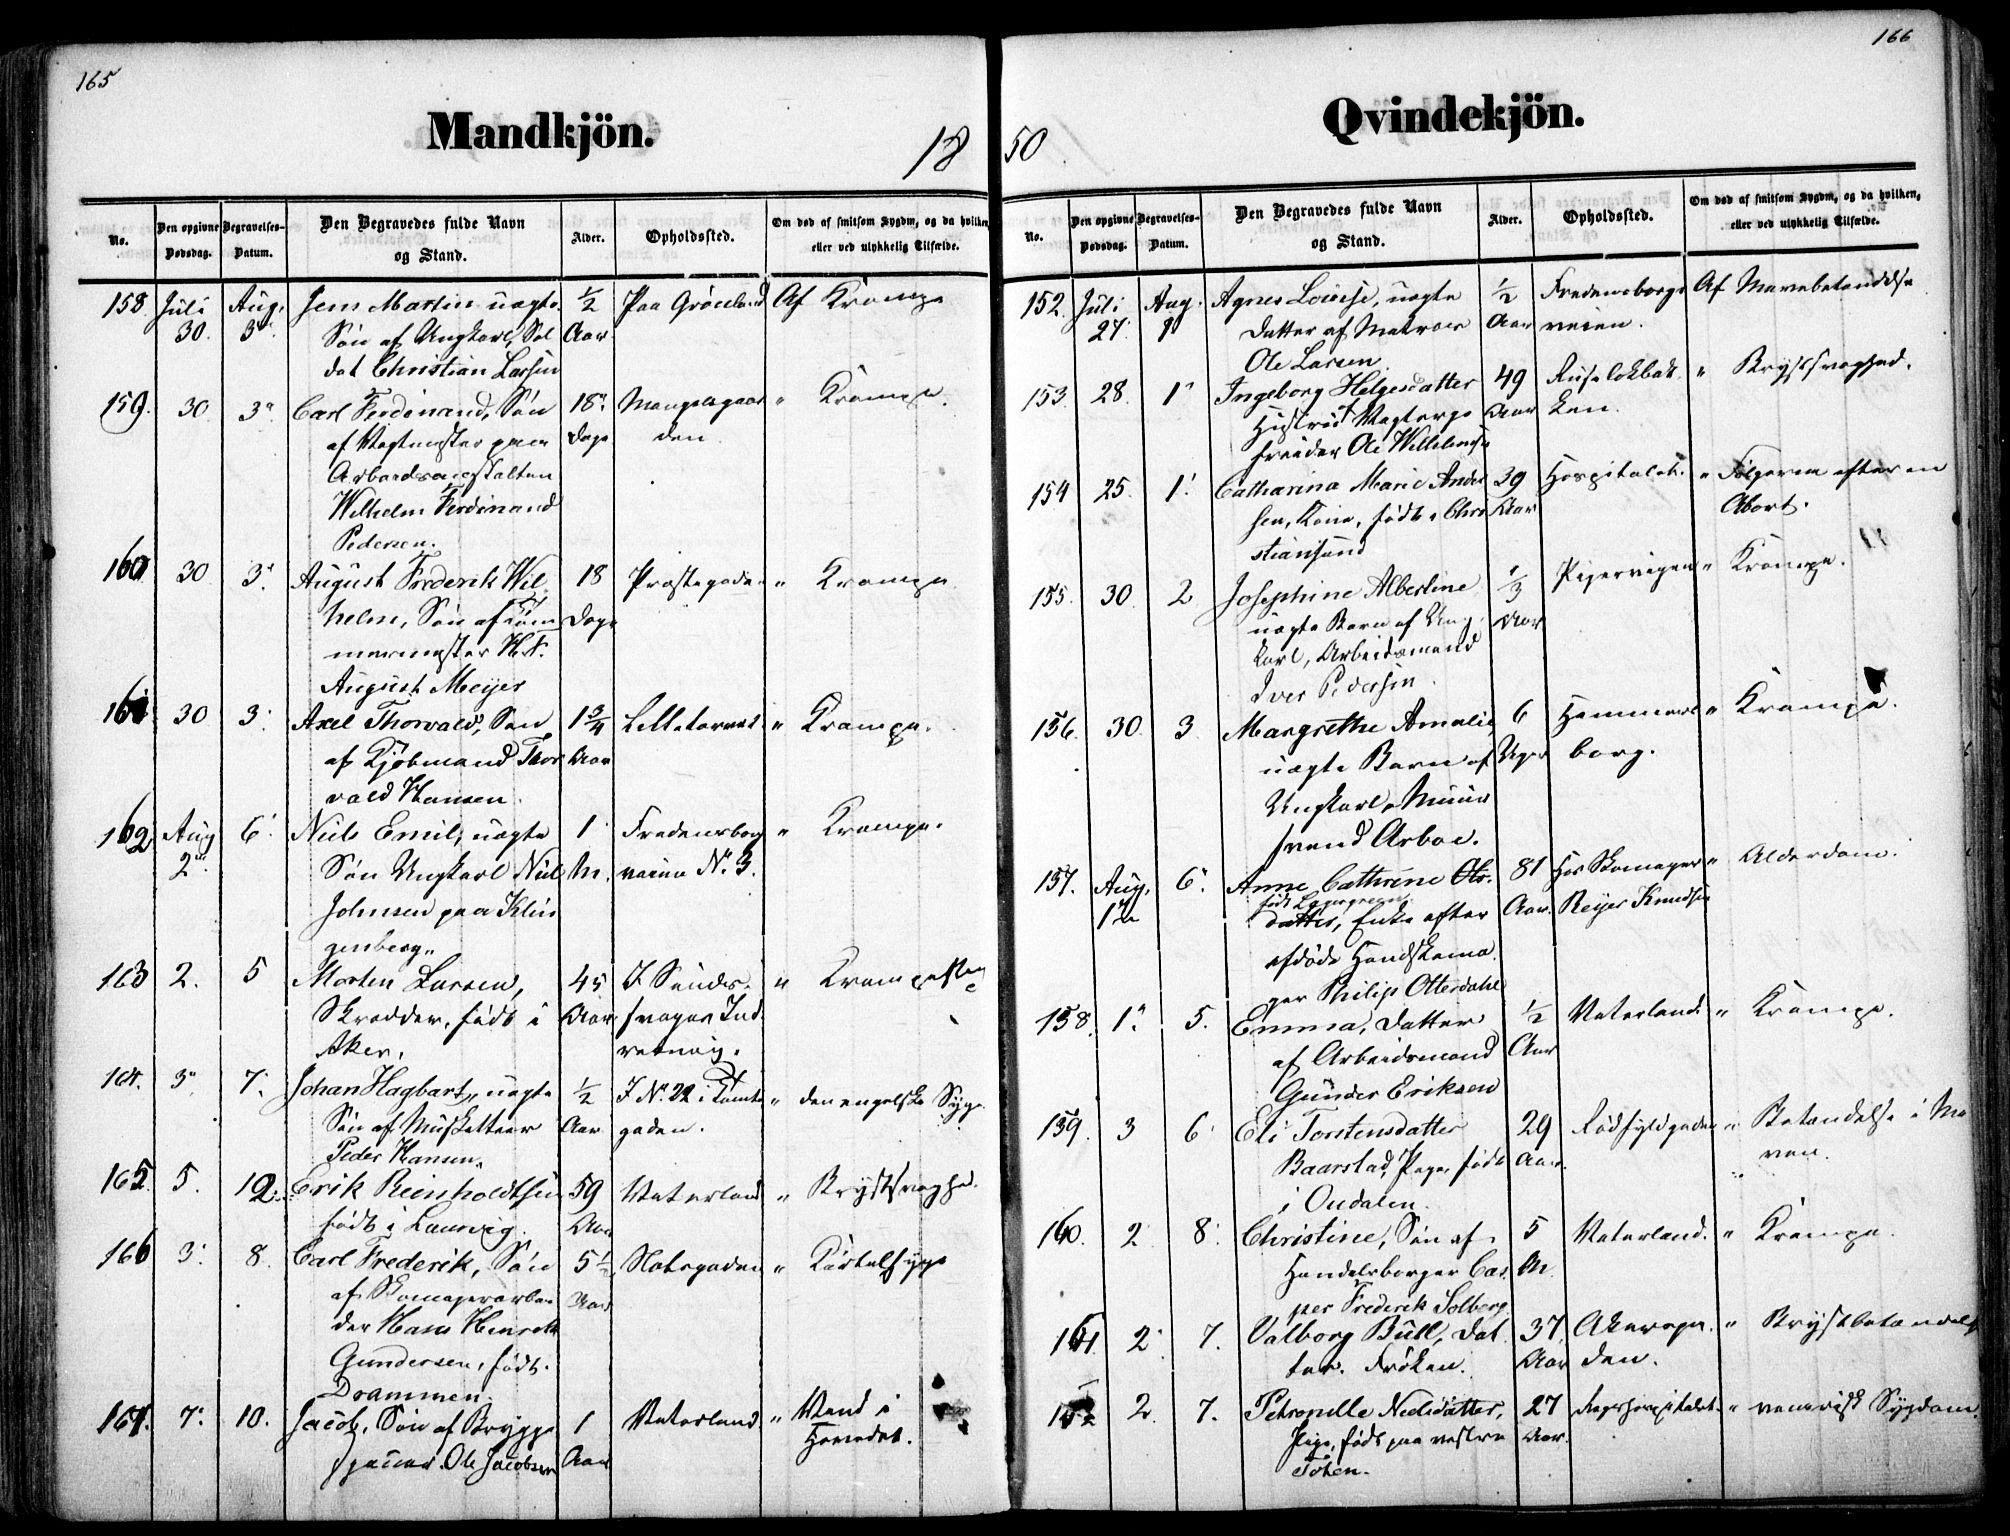 SAO, Oslo domkirke Kirkebøker, F/Fa/L0025: Ministerialbok nr. 25, 1847-1867, s. 165-166